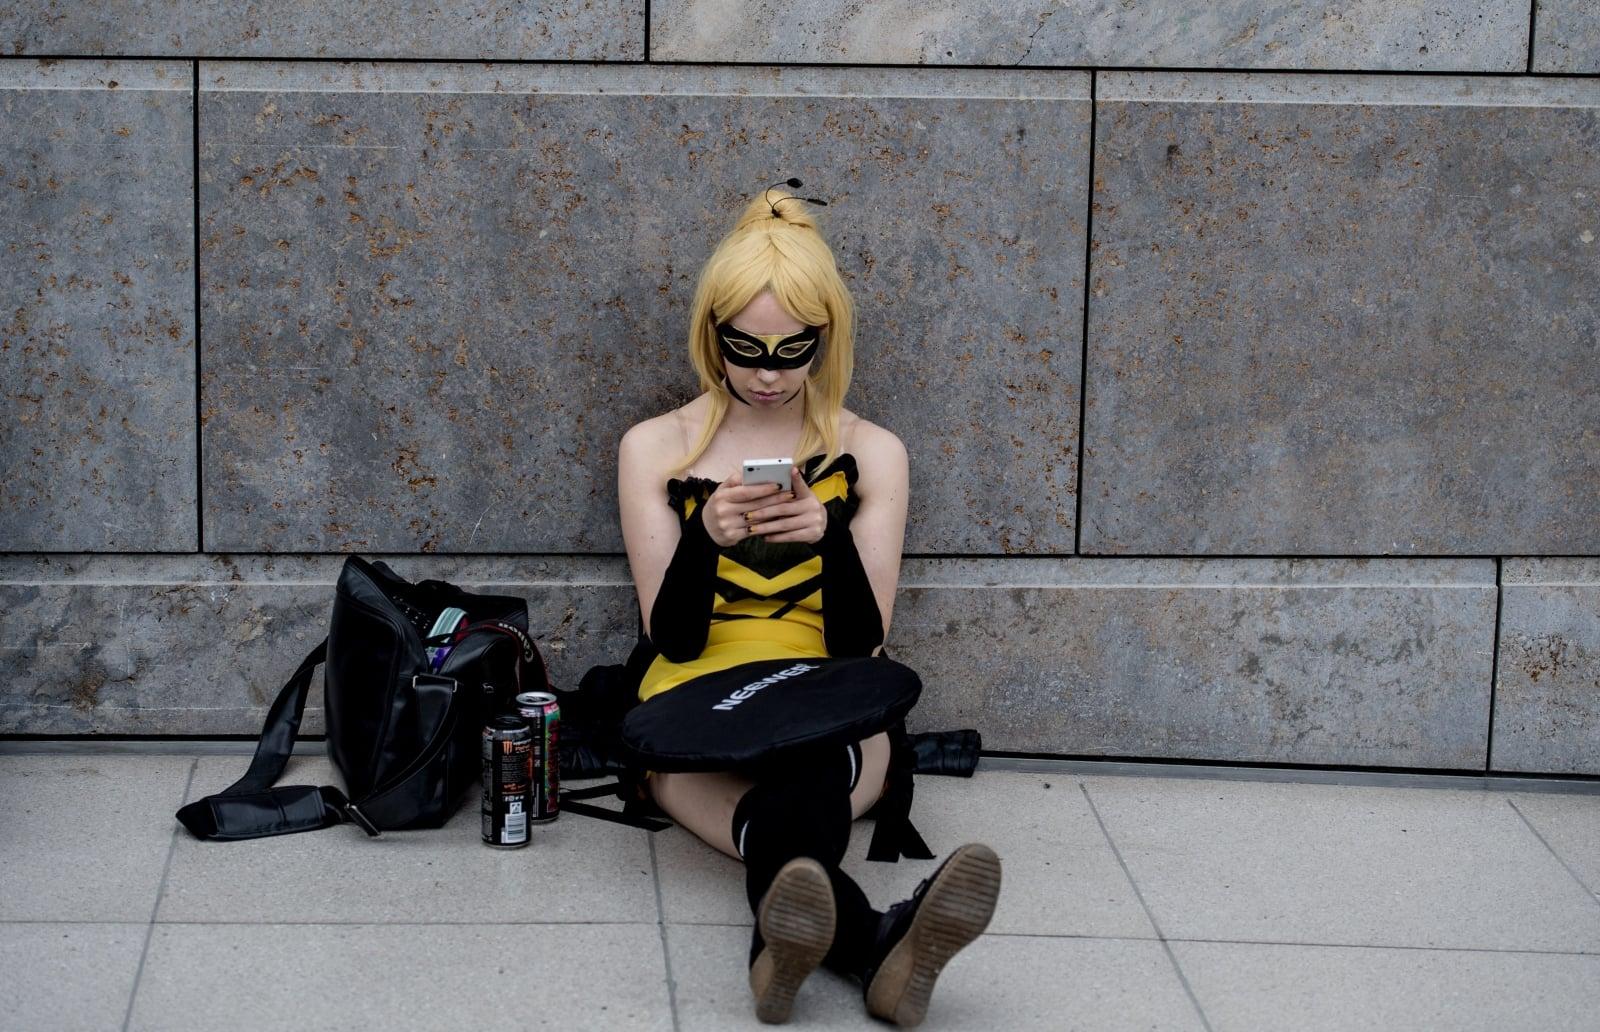 Uczestniczka Targów Książki w Lipsku przebrana w kostium komiksowy, Niemcy, fot.  EPA/FILIP SINGER